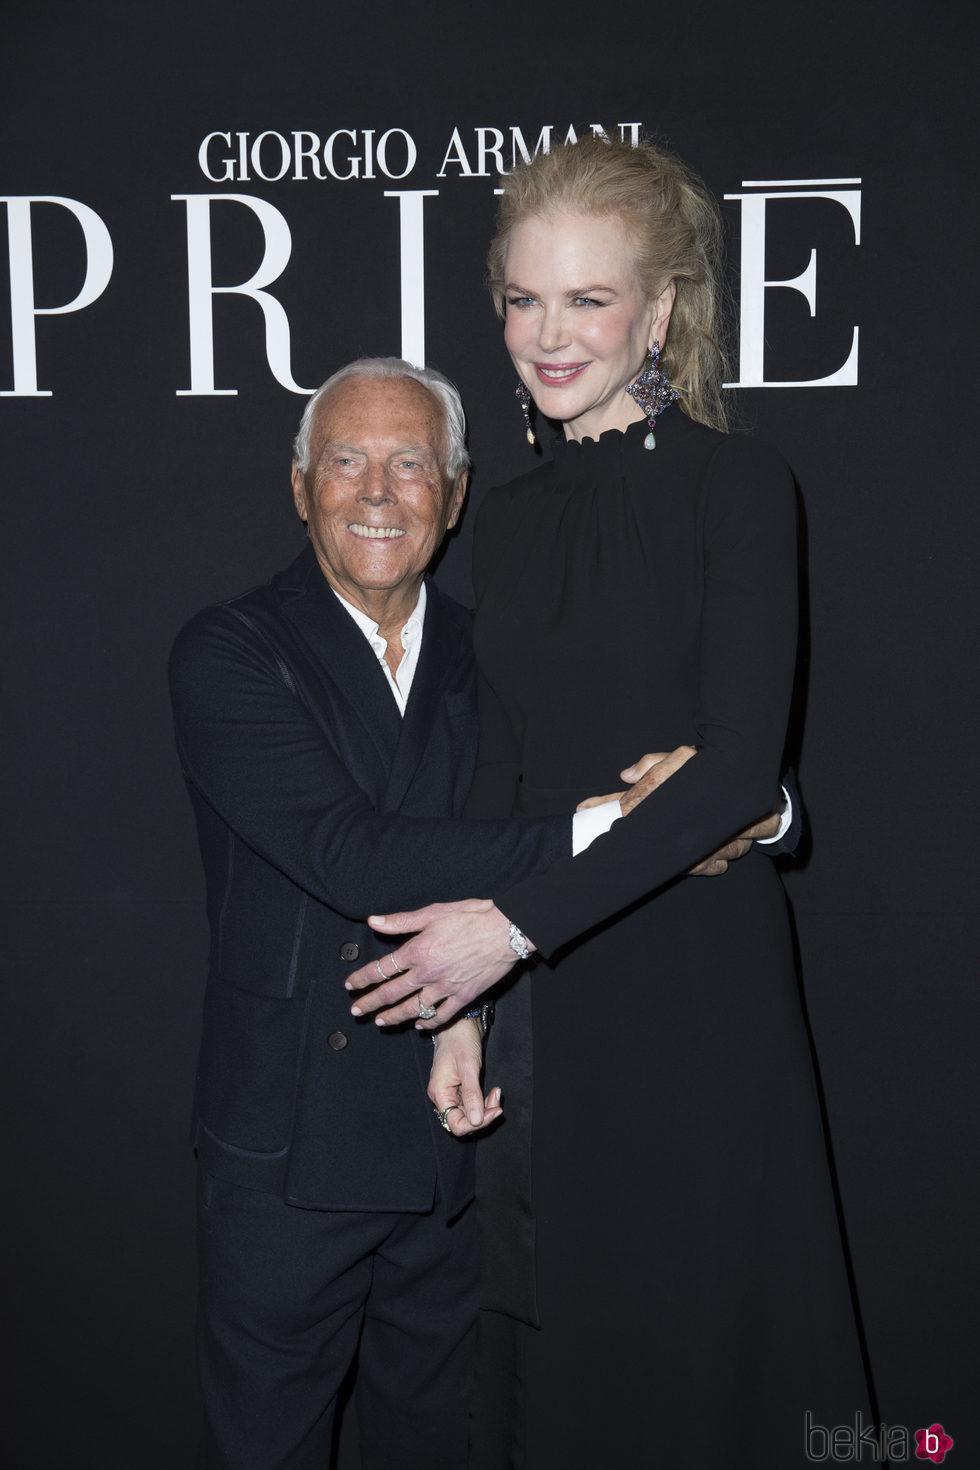 Nicole Kidman apoyando a Giorgio Armani en su desfile primavera/verano 2017 en la Semana de la Alta Costura de París